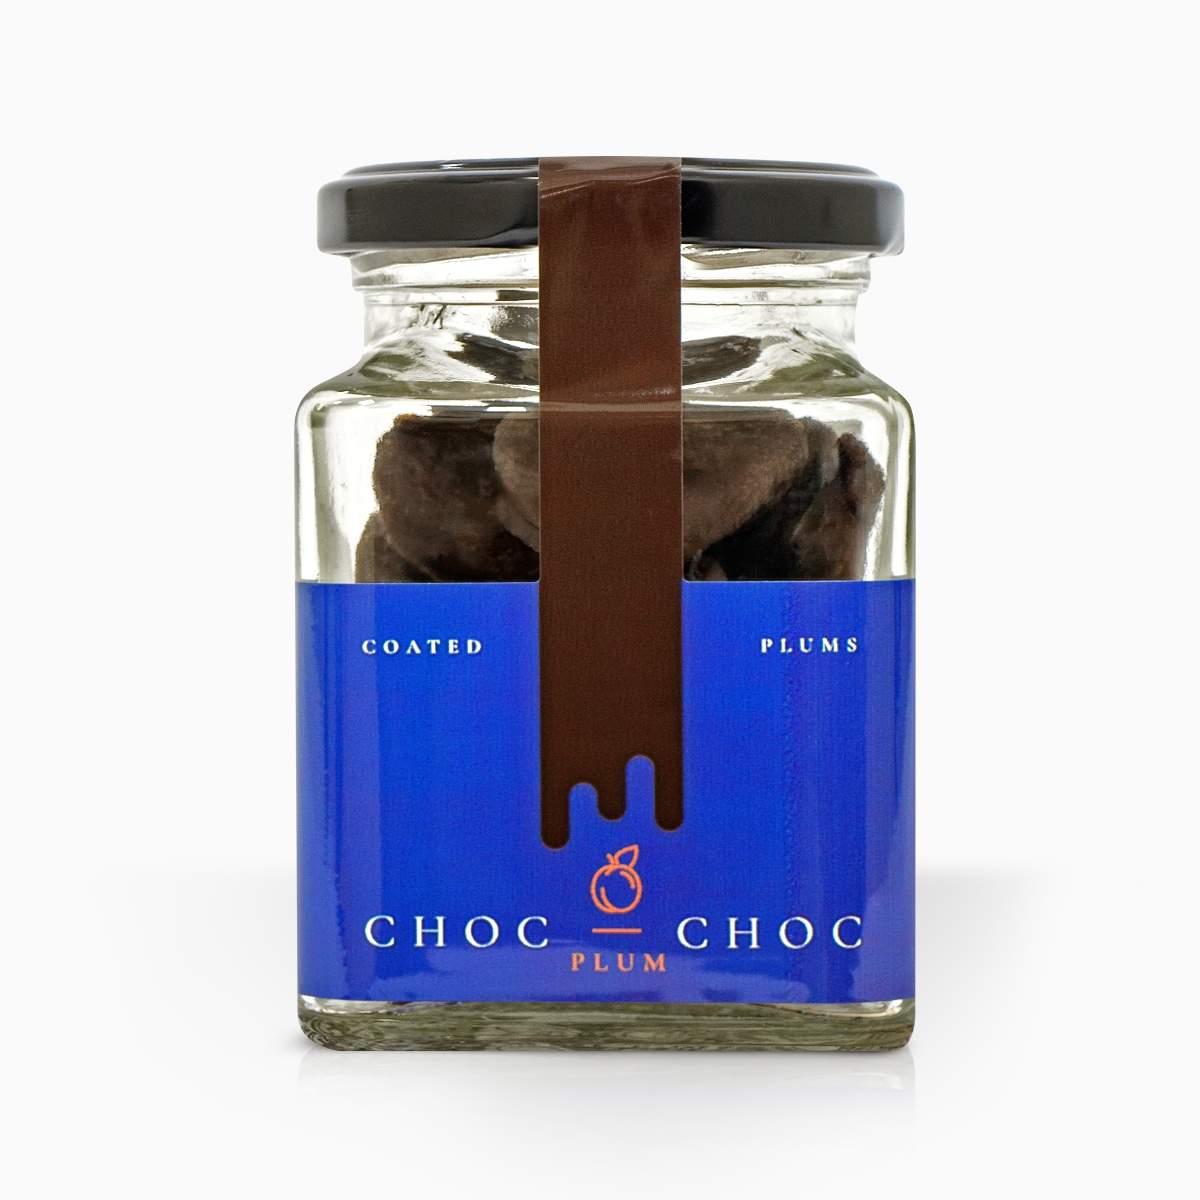 Choc Choc slivky v čokoláde 120g